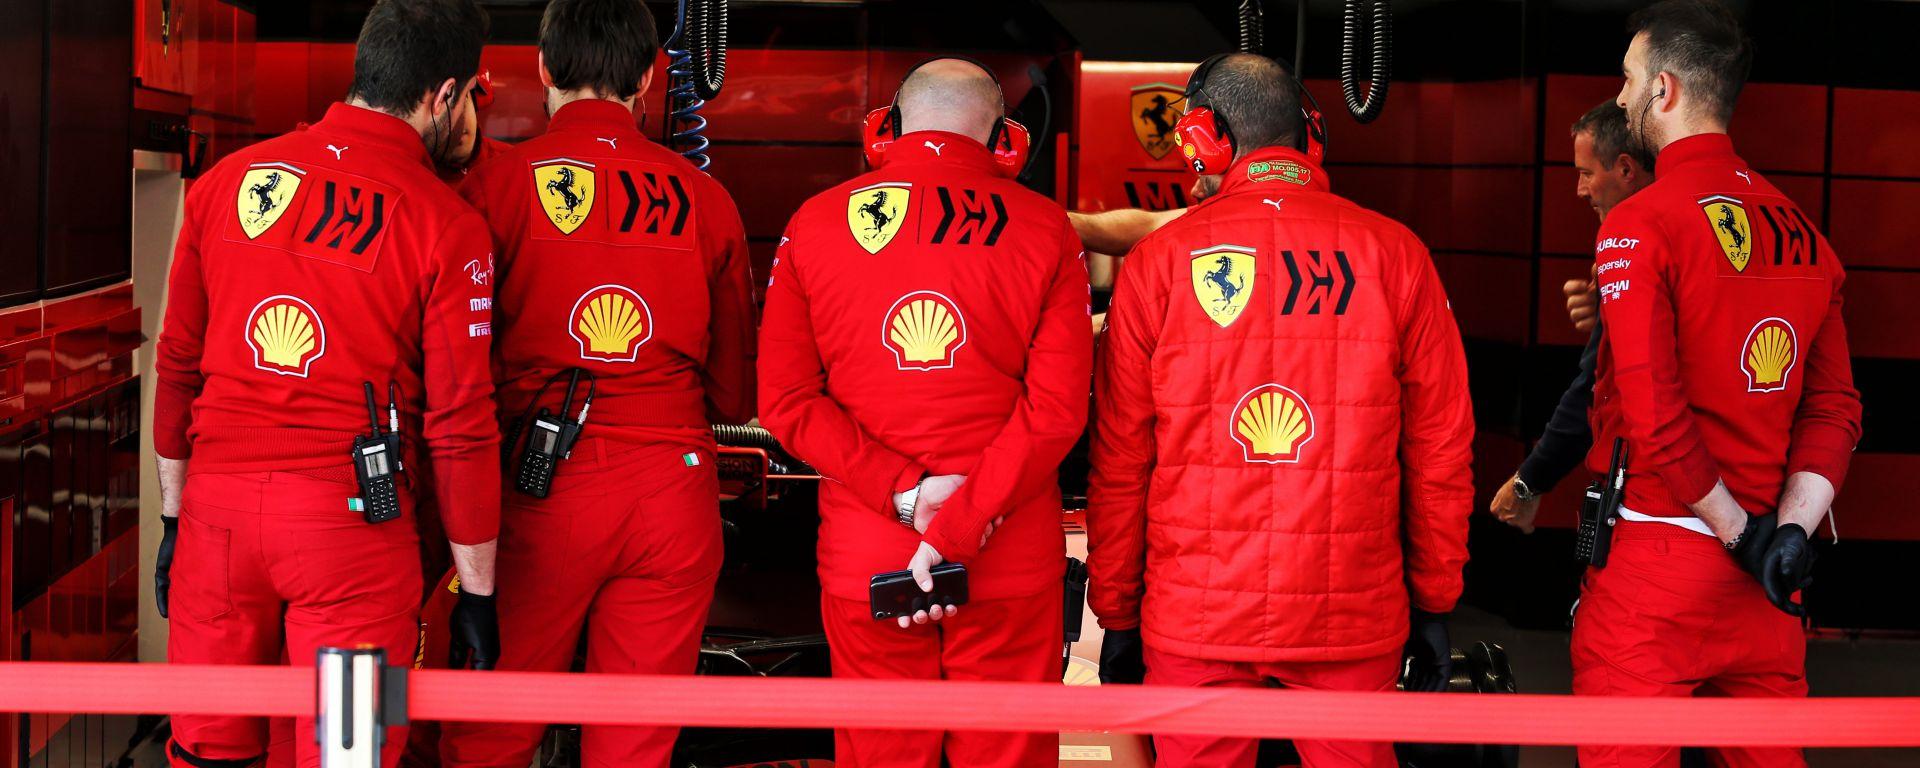 F1: il box della Ferrari durante i test invernali di Barcellona